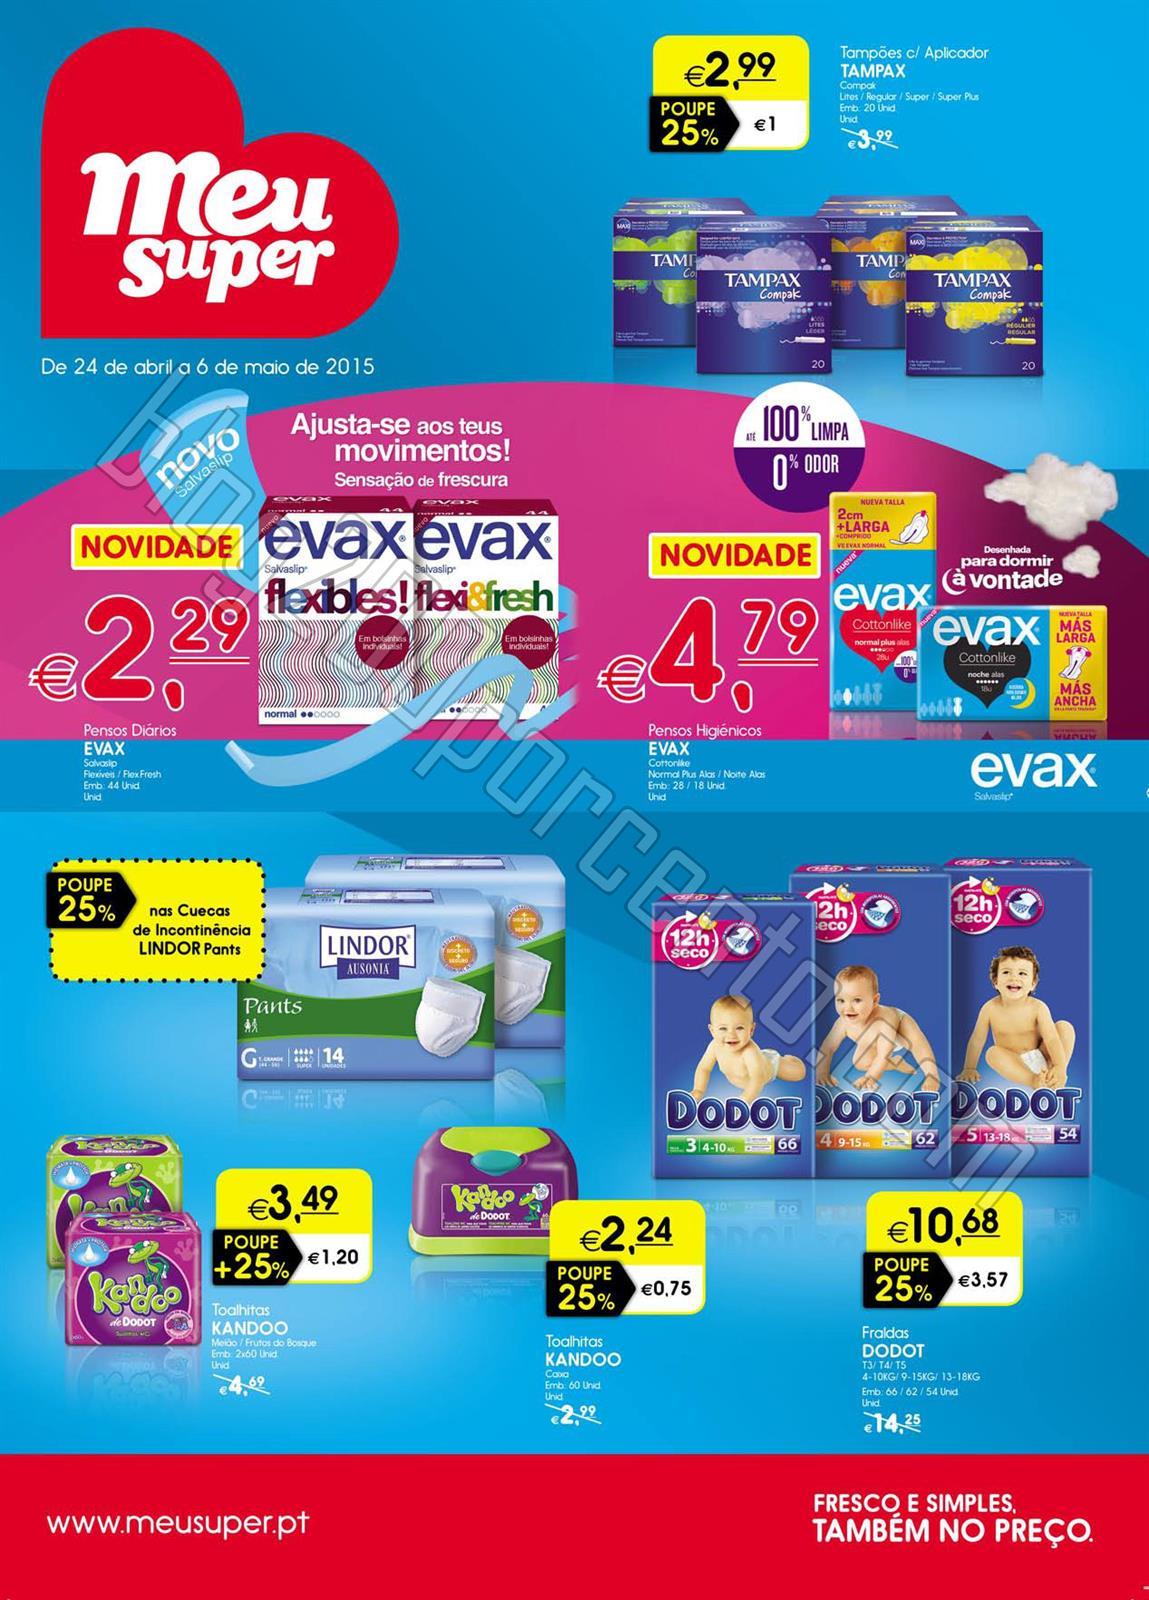 Novo Folheto MEU SUPER Promoções de 24 abril a 6